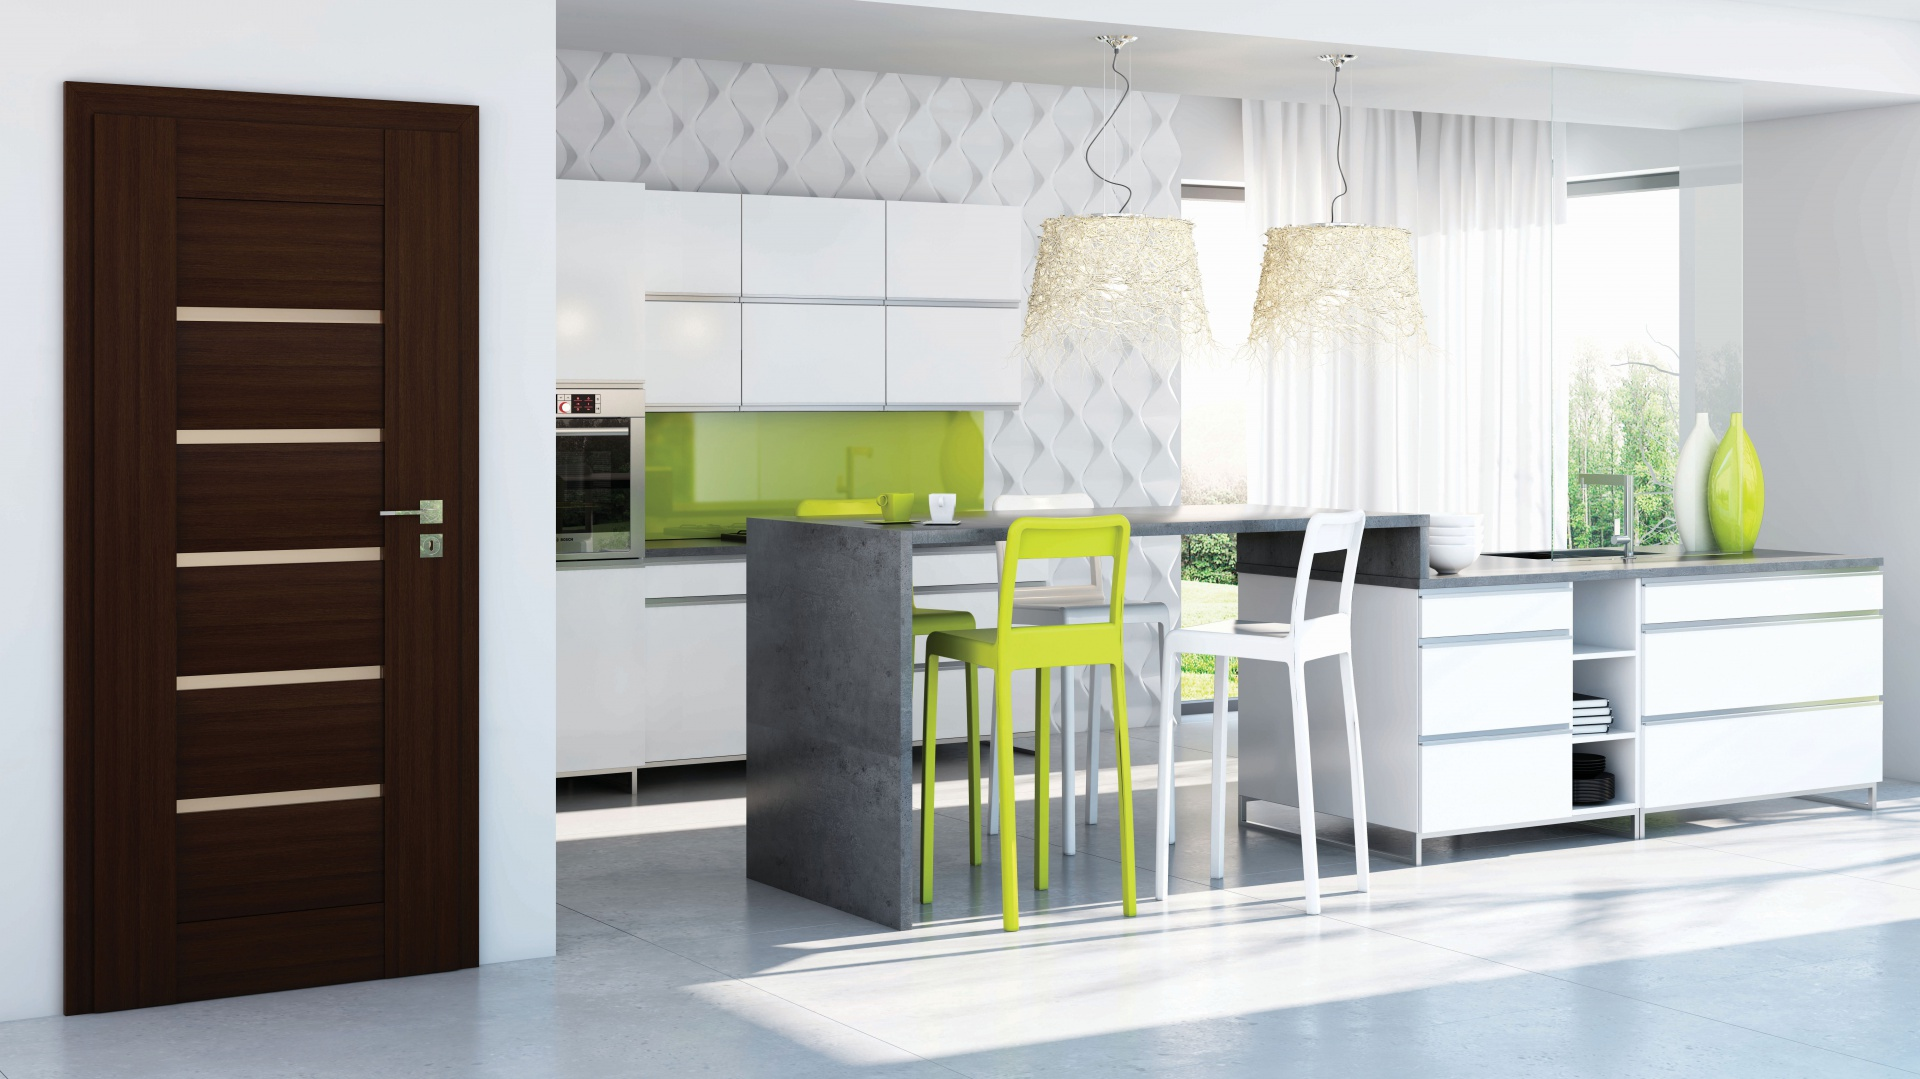 Drzwi Sempre Lux to klasyczne wydanie nowoczesnych drzwi. Naturalny fornir pokryty specjalnym lakierem UV doda blasku elegancko urządzonym wnętrzom. Fot. Pol-Skone